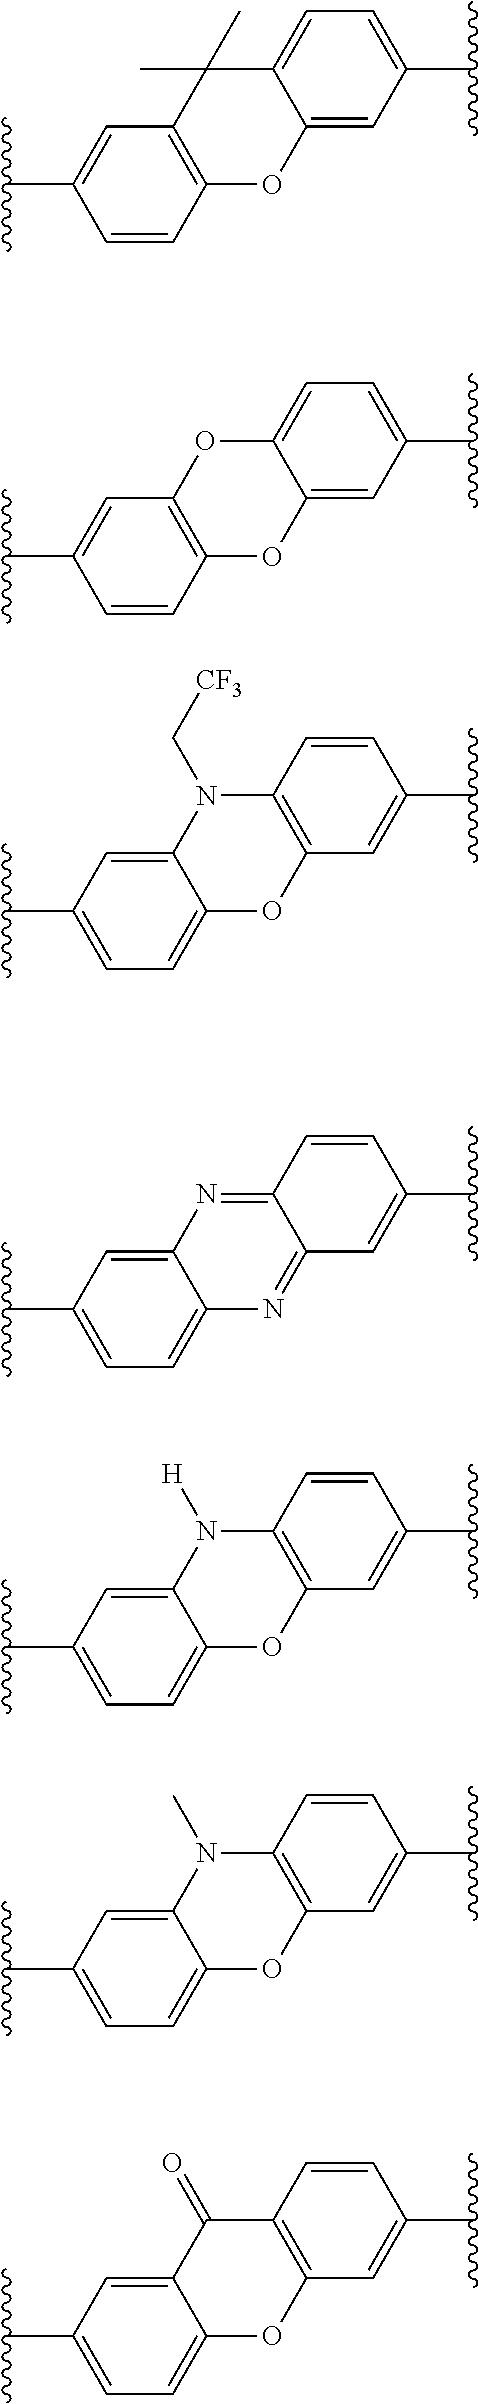 Figure US09511056-20161206-C00111